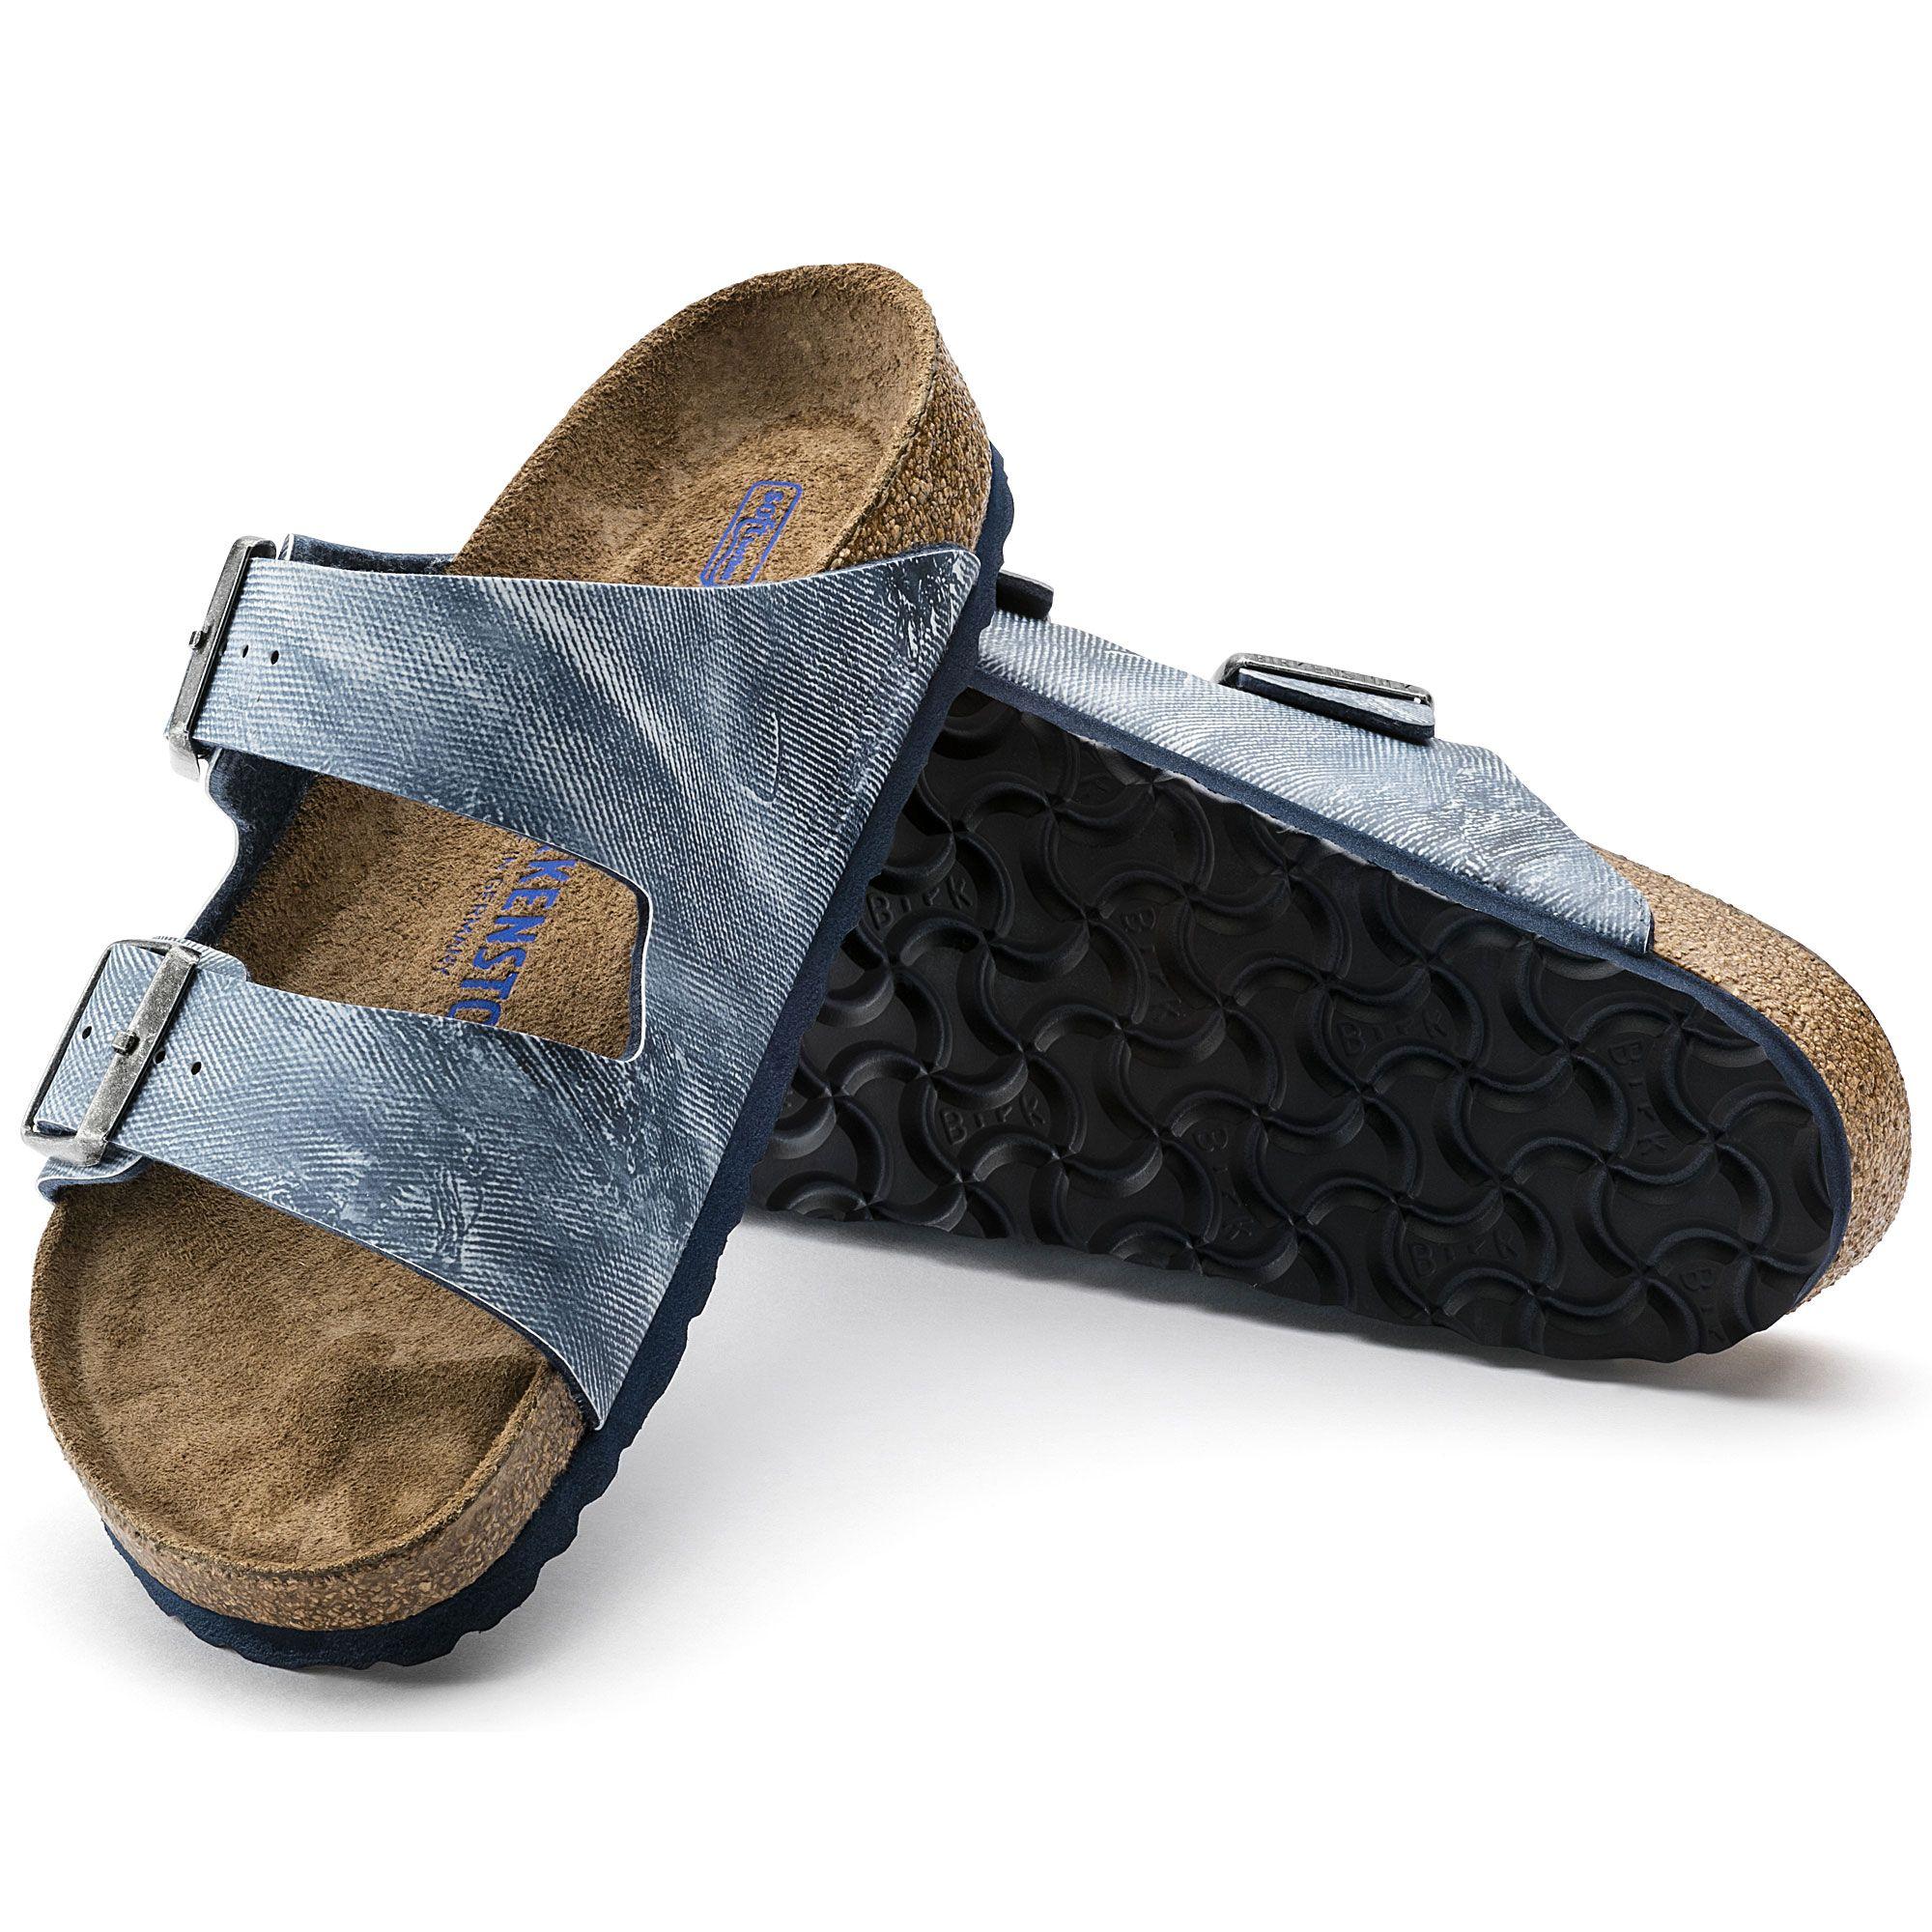 c3ffd12705f45 Arizona Birko-Flor Soft footbed Jeans Washed Out Blue